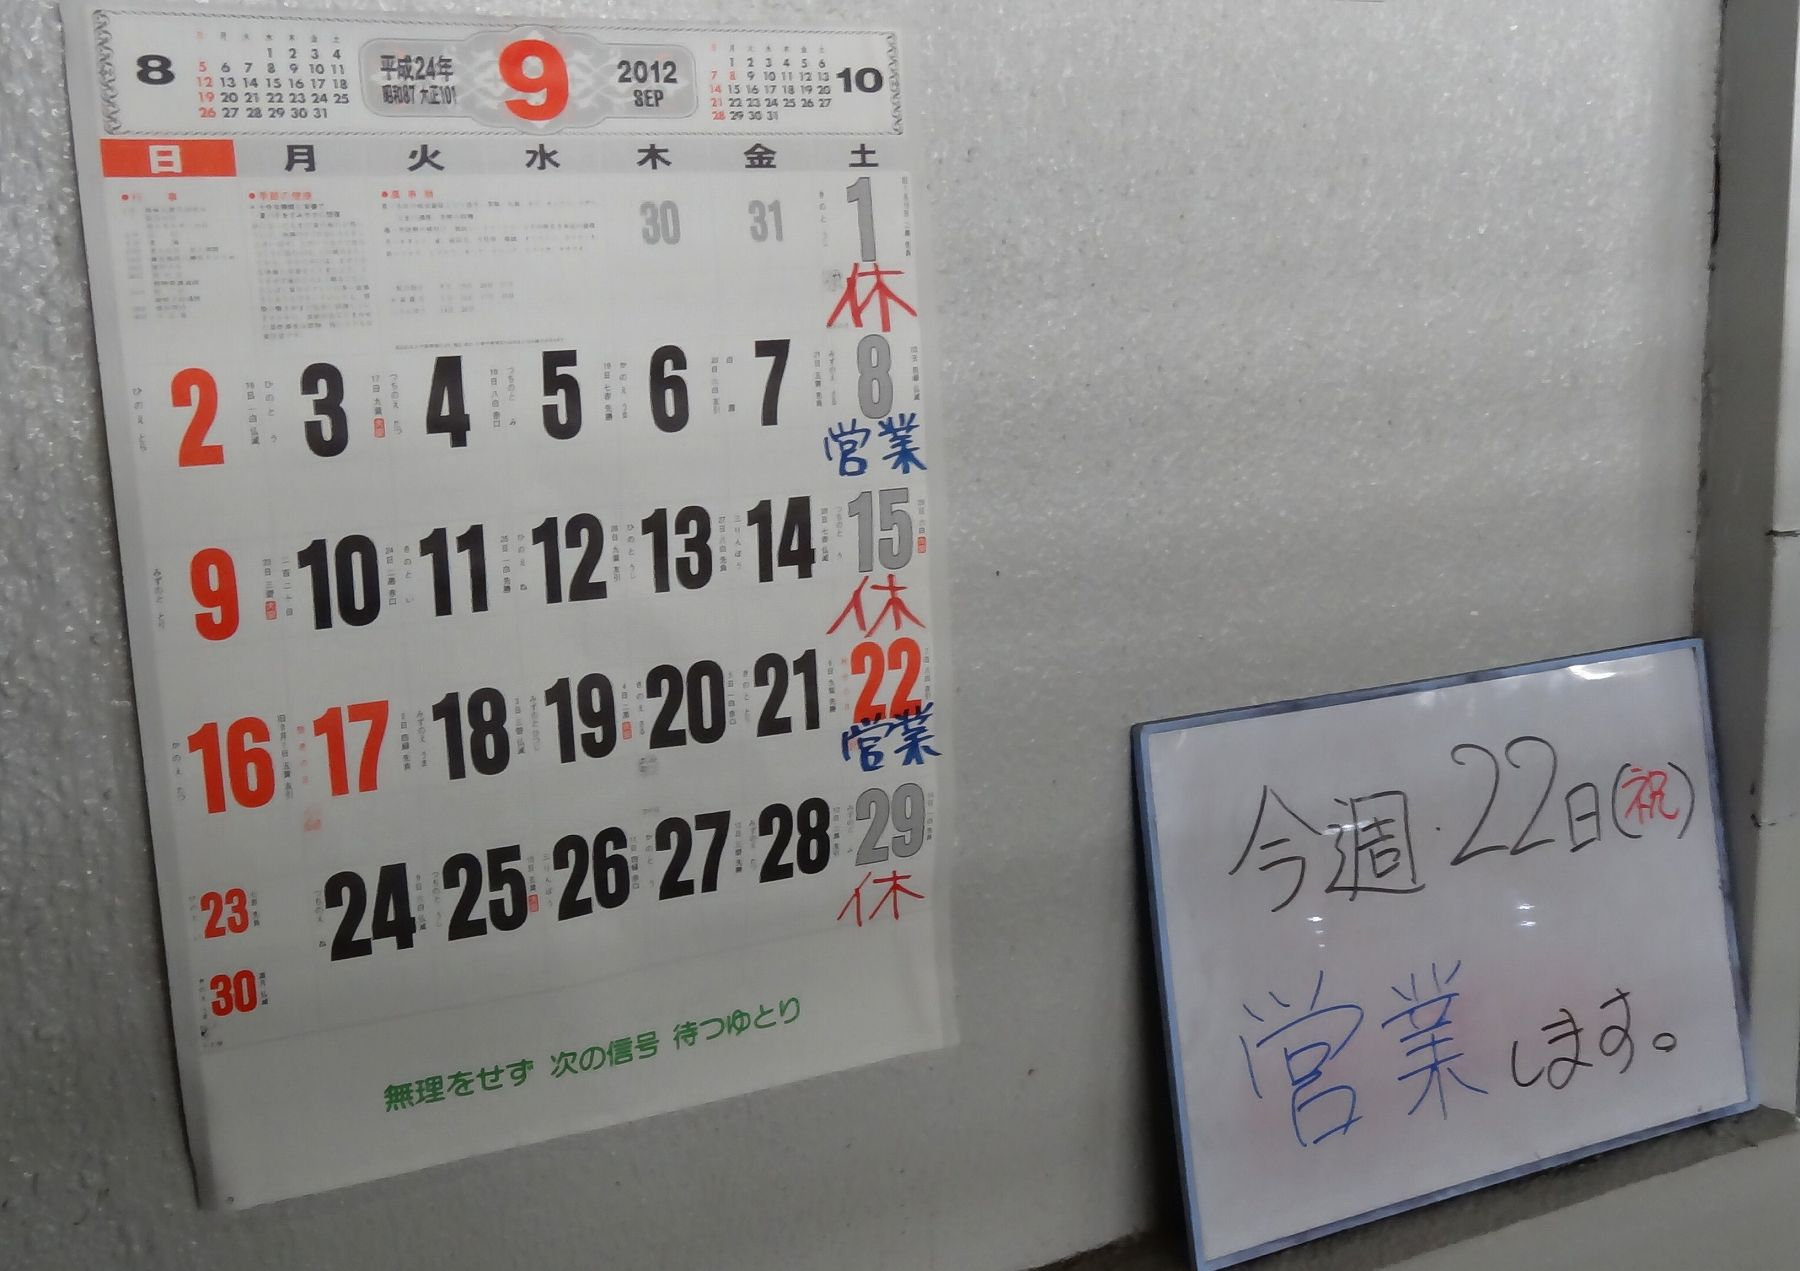 20120918004nishidai.jpg